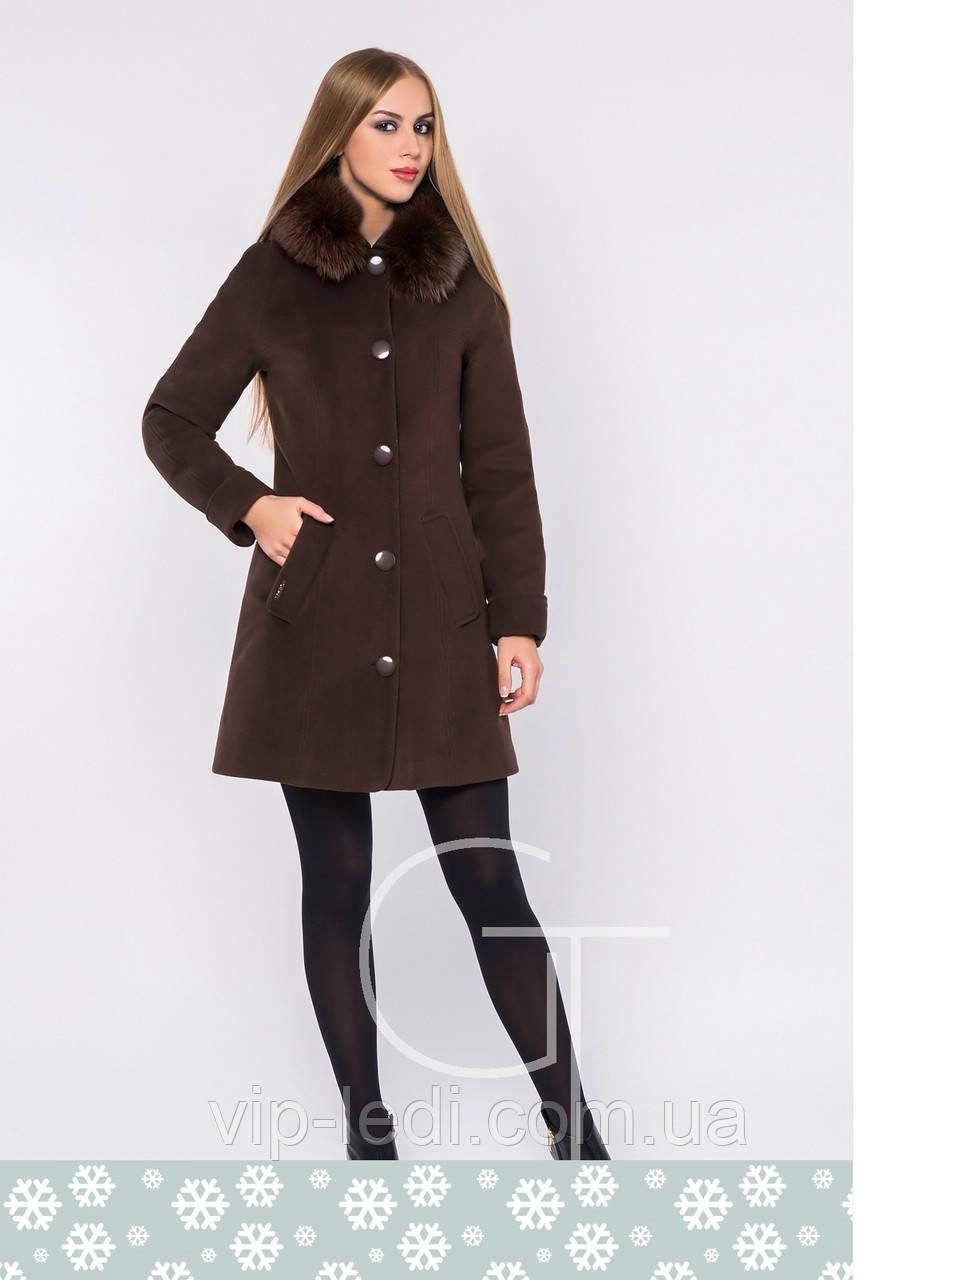 4d078995f4c Зимнее пальто женское X-Woyz LS-8593 самая низкая цена в Украине ...